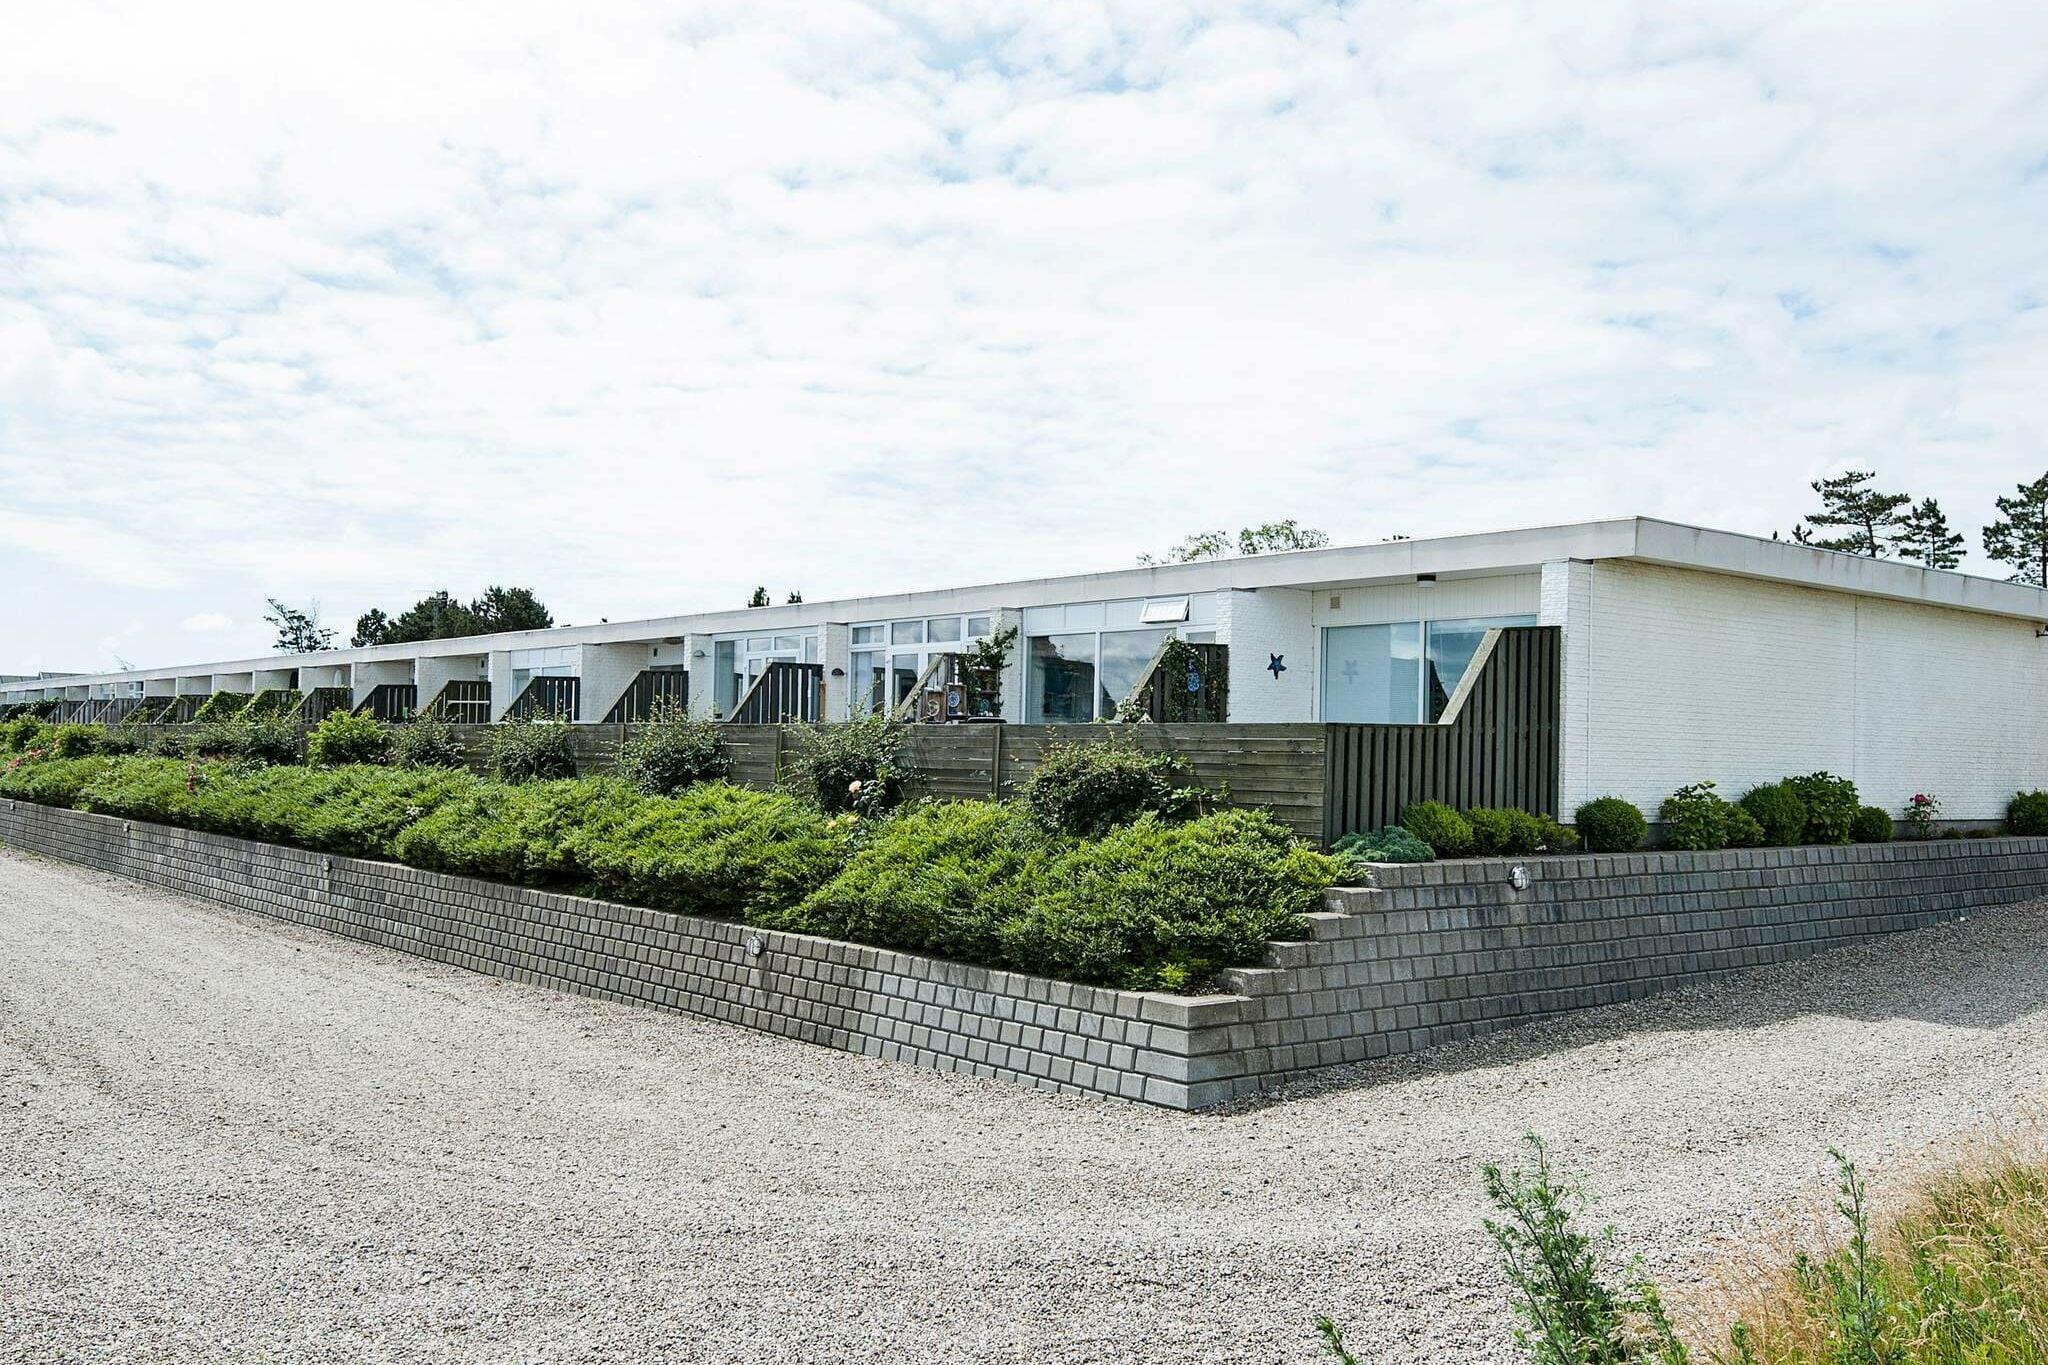 Ferielejlighed til 4 personer ved Rømø